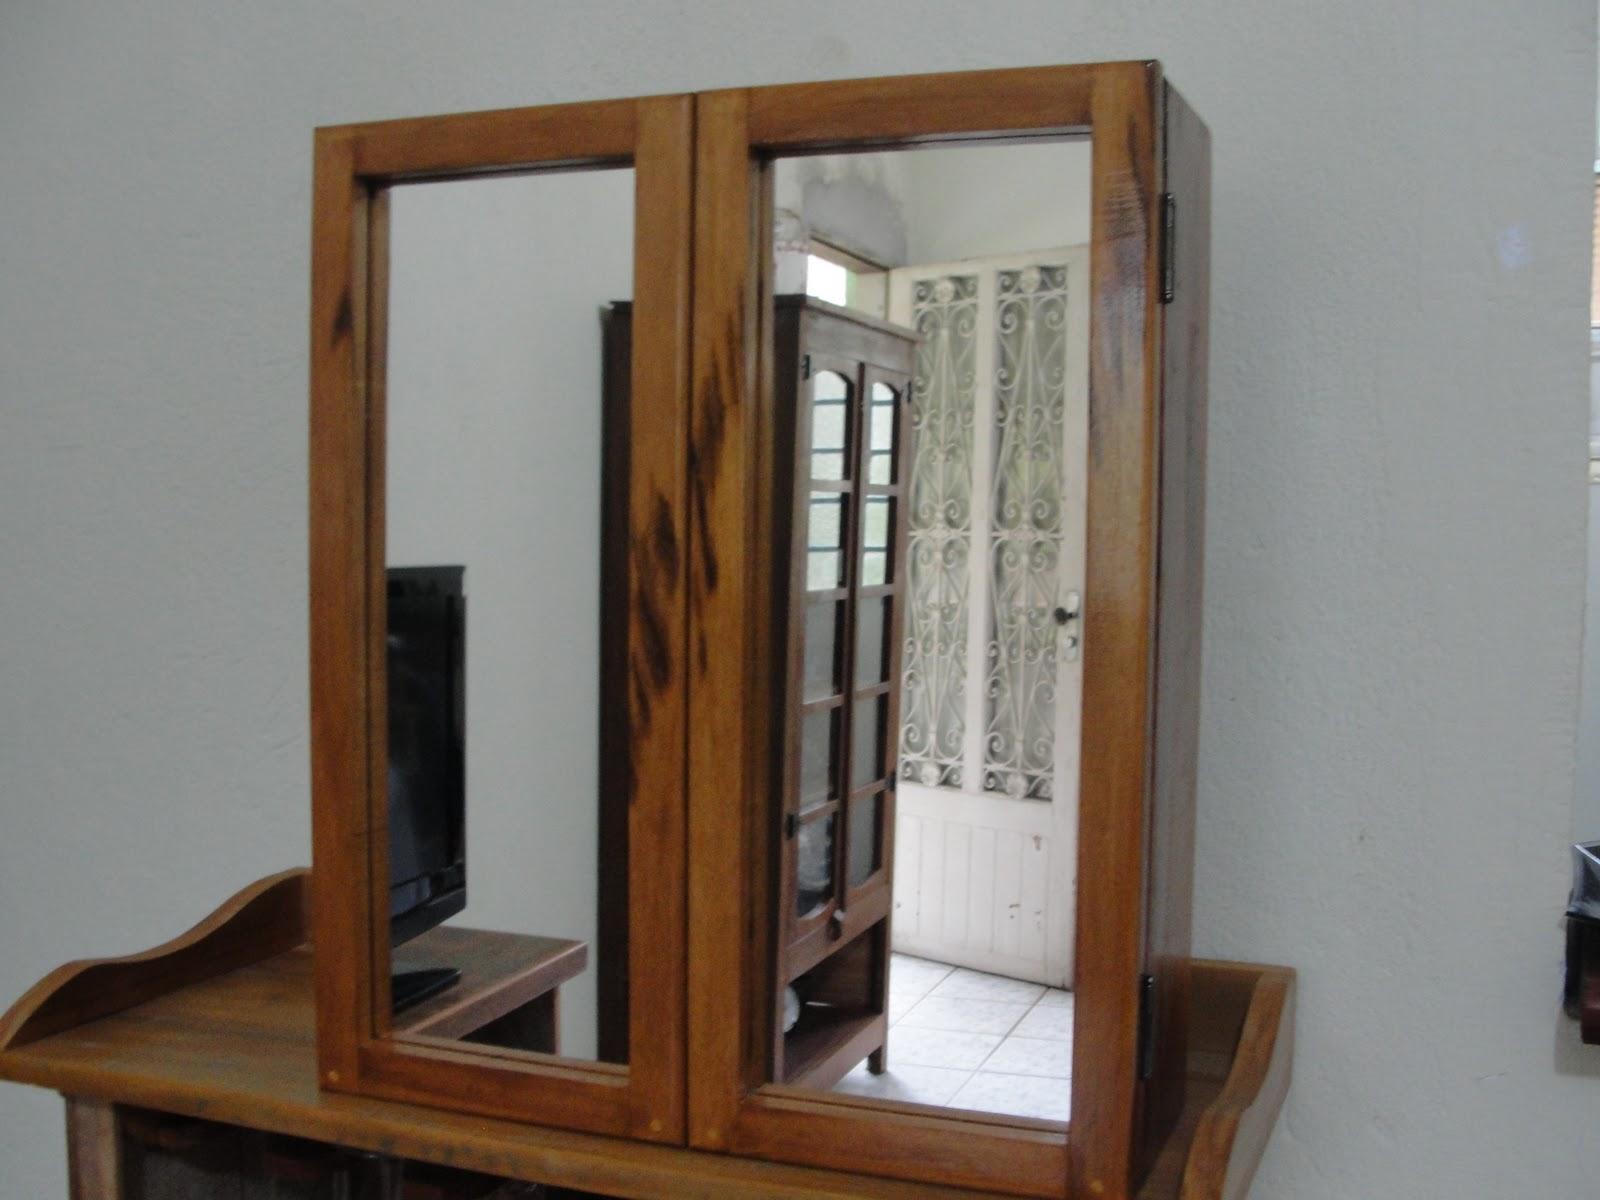 Armário para banheiro em madeira gonçalo alves #674023 1600x1200